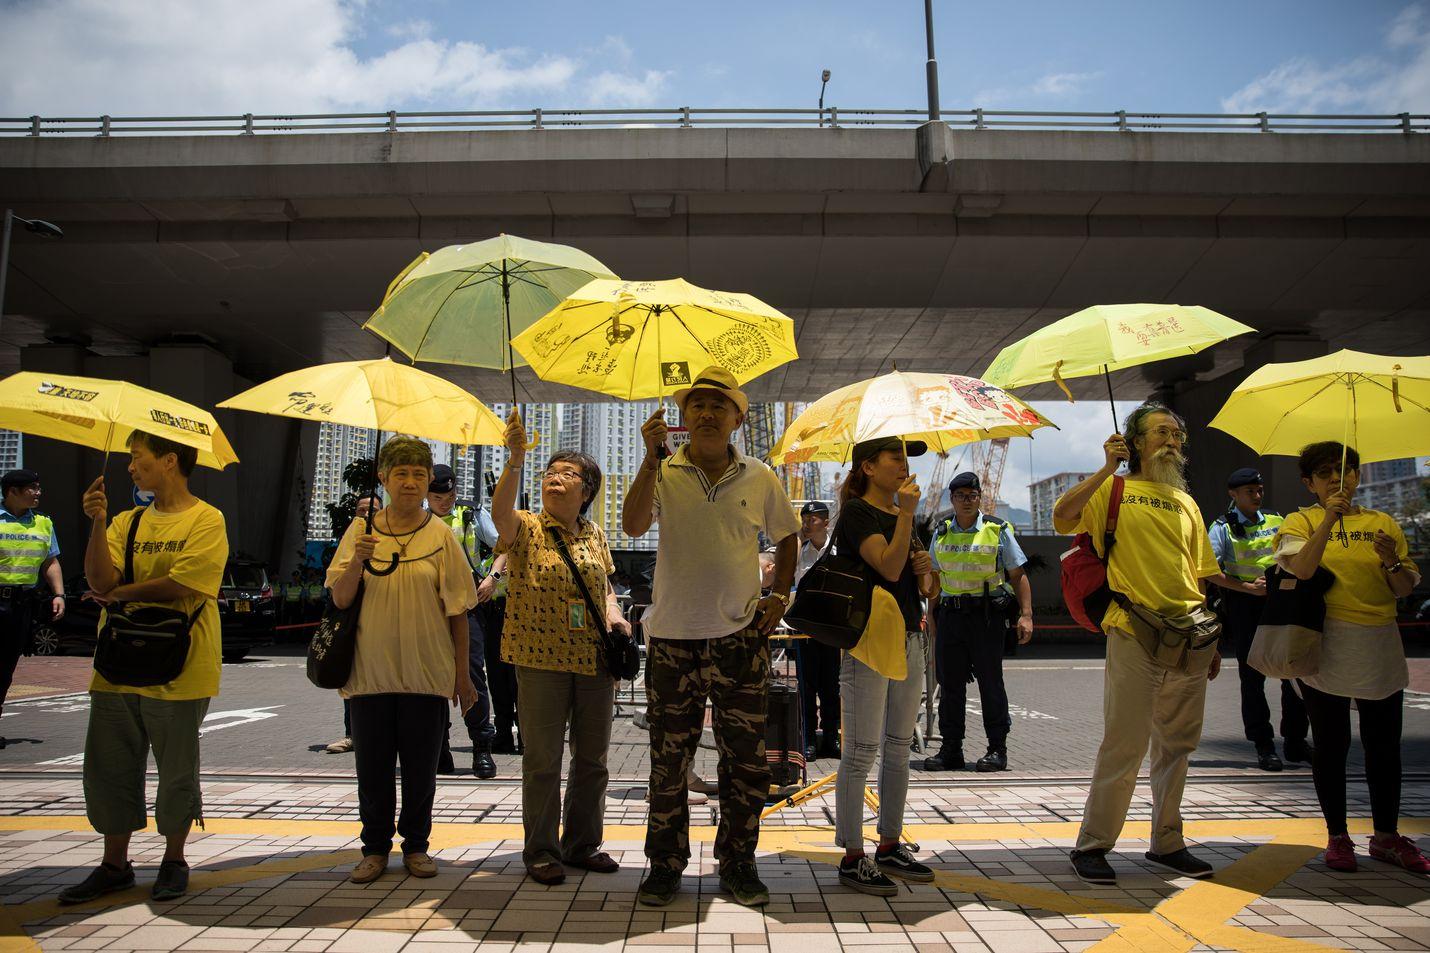 Sadat Occupy Central -johtajien kannattajat osoittivat mieltään oikeustalon edustalla keltaiseen pukeutuneina.